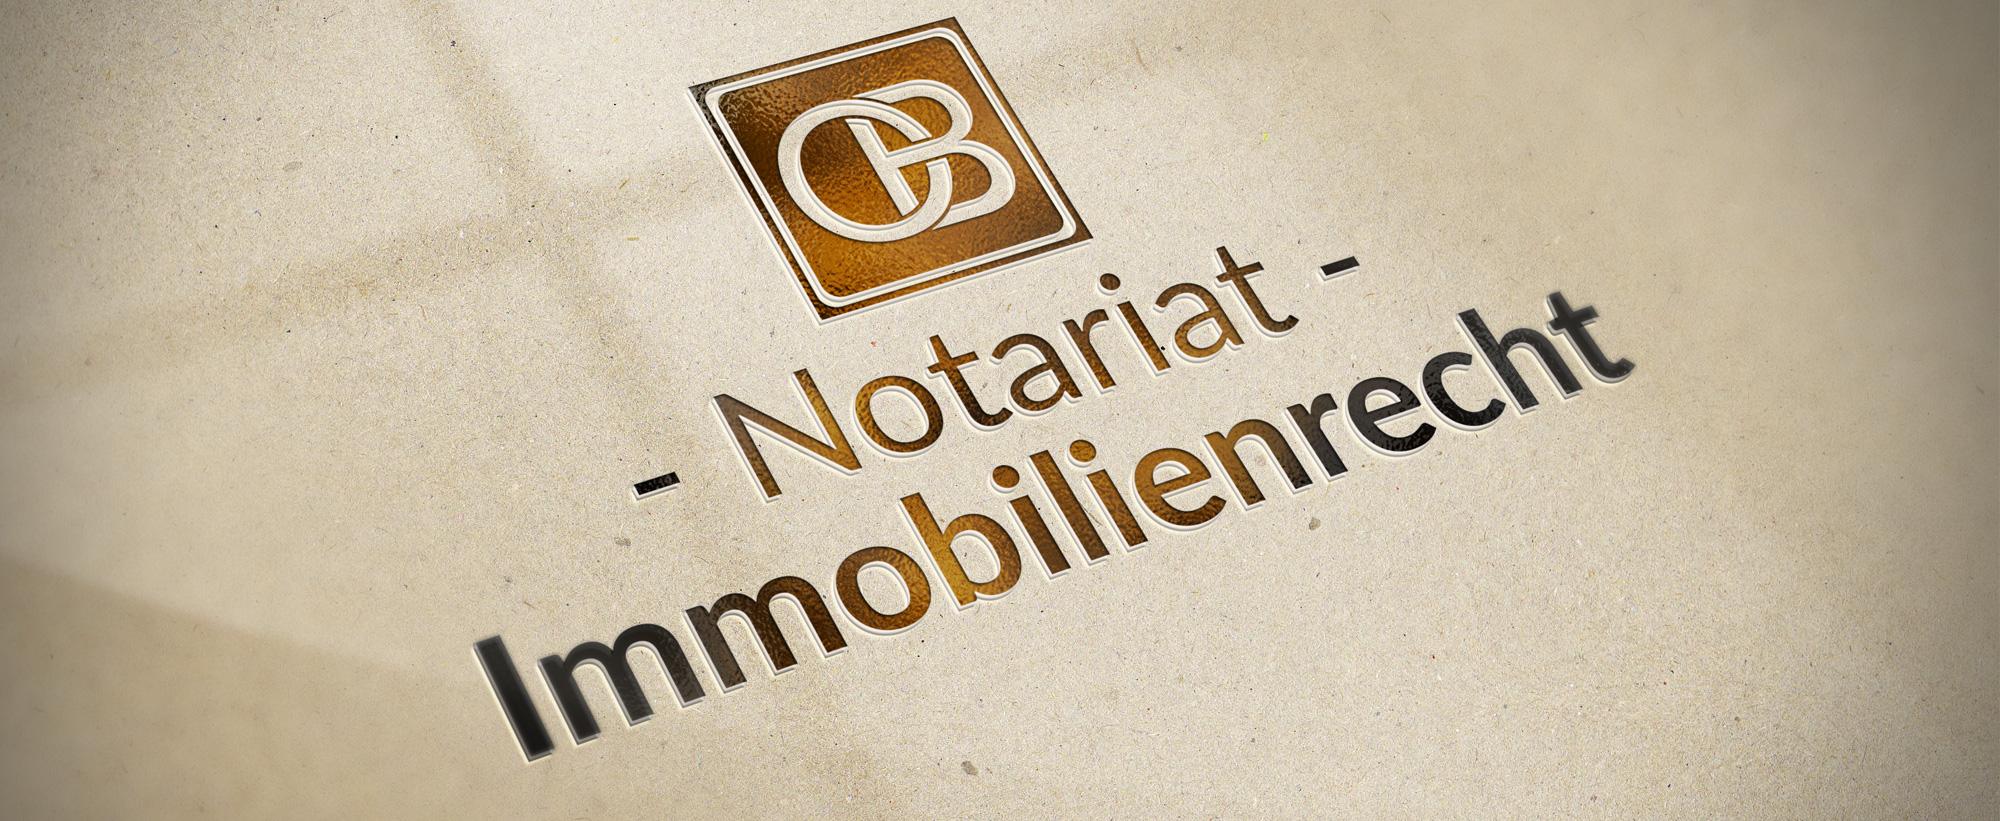 Teaser Notarbereich Immobilienrecht